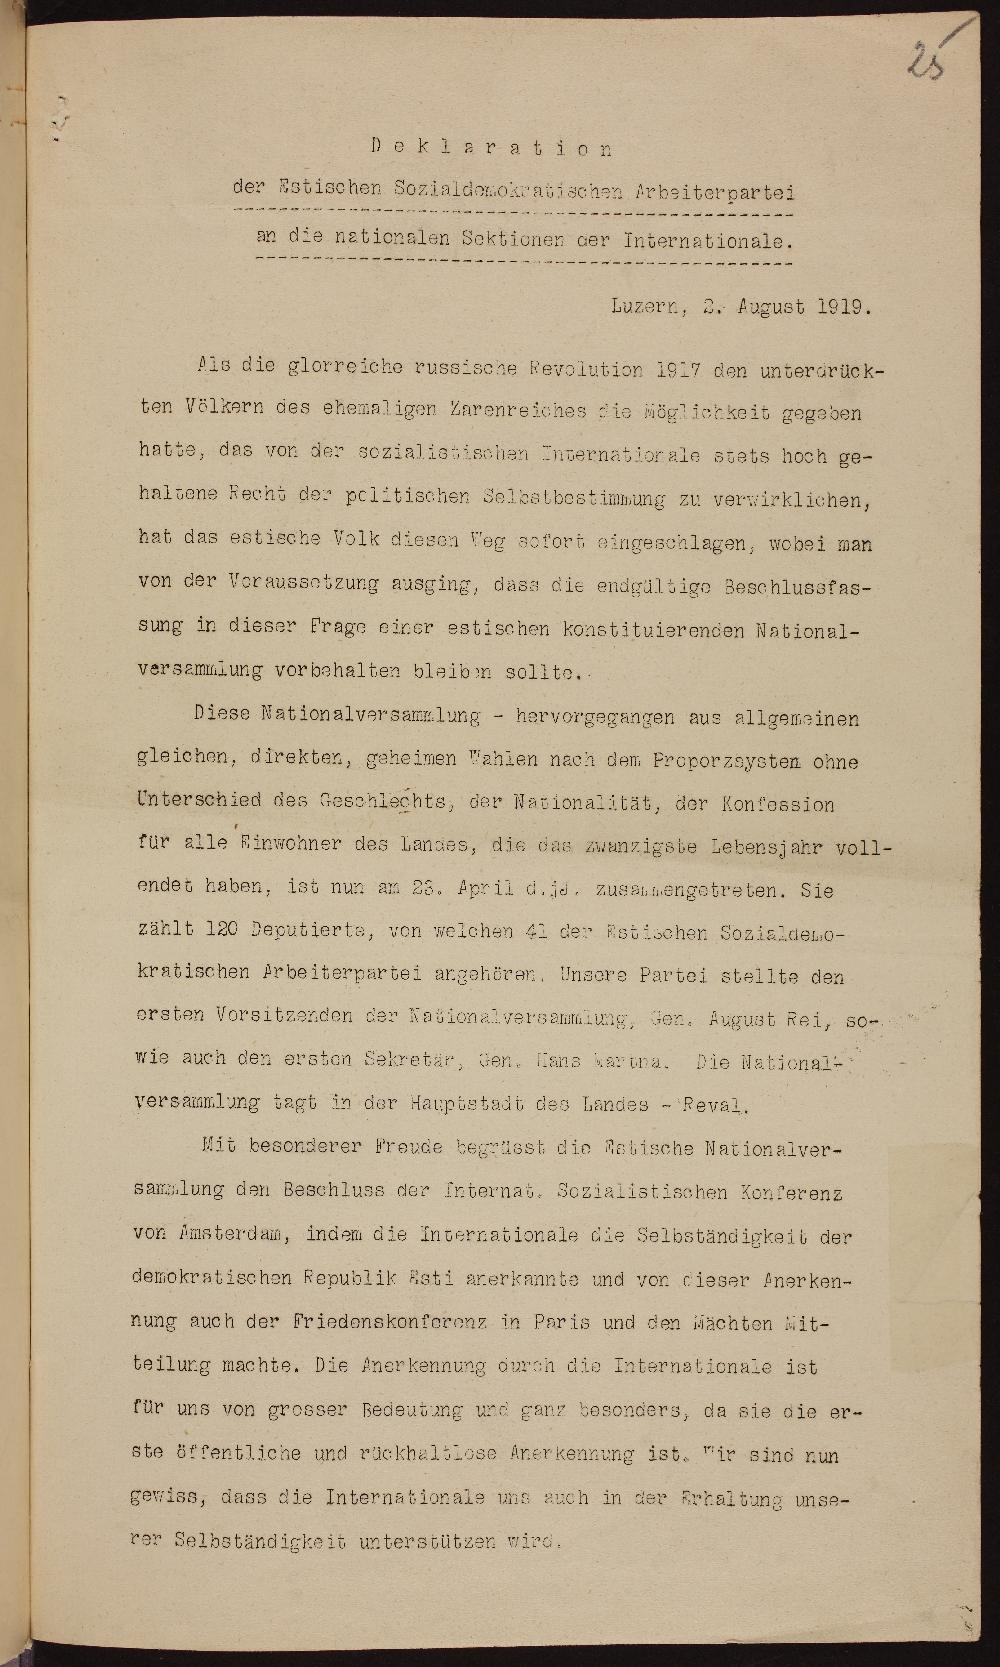 Eesti Sotsiaaldemokraatliku Töölispartei deklaratsioon 2. aug. 1919. ERA957.1.1. era0957_001_0000001_00001_t